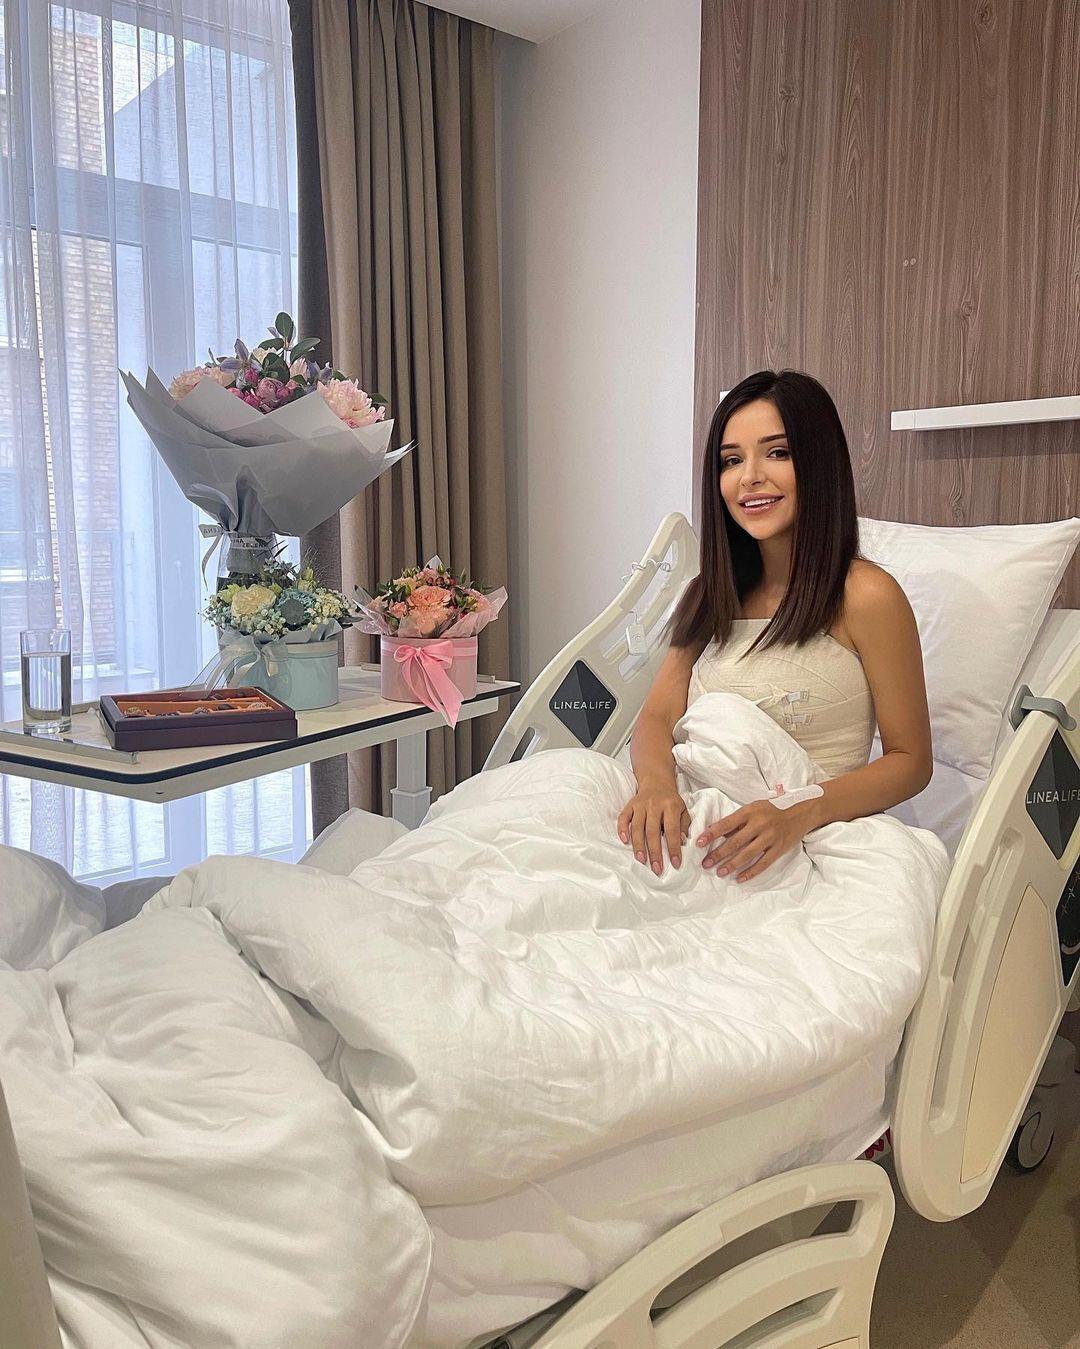 Надин Медведчук показала себя после операции